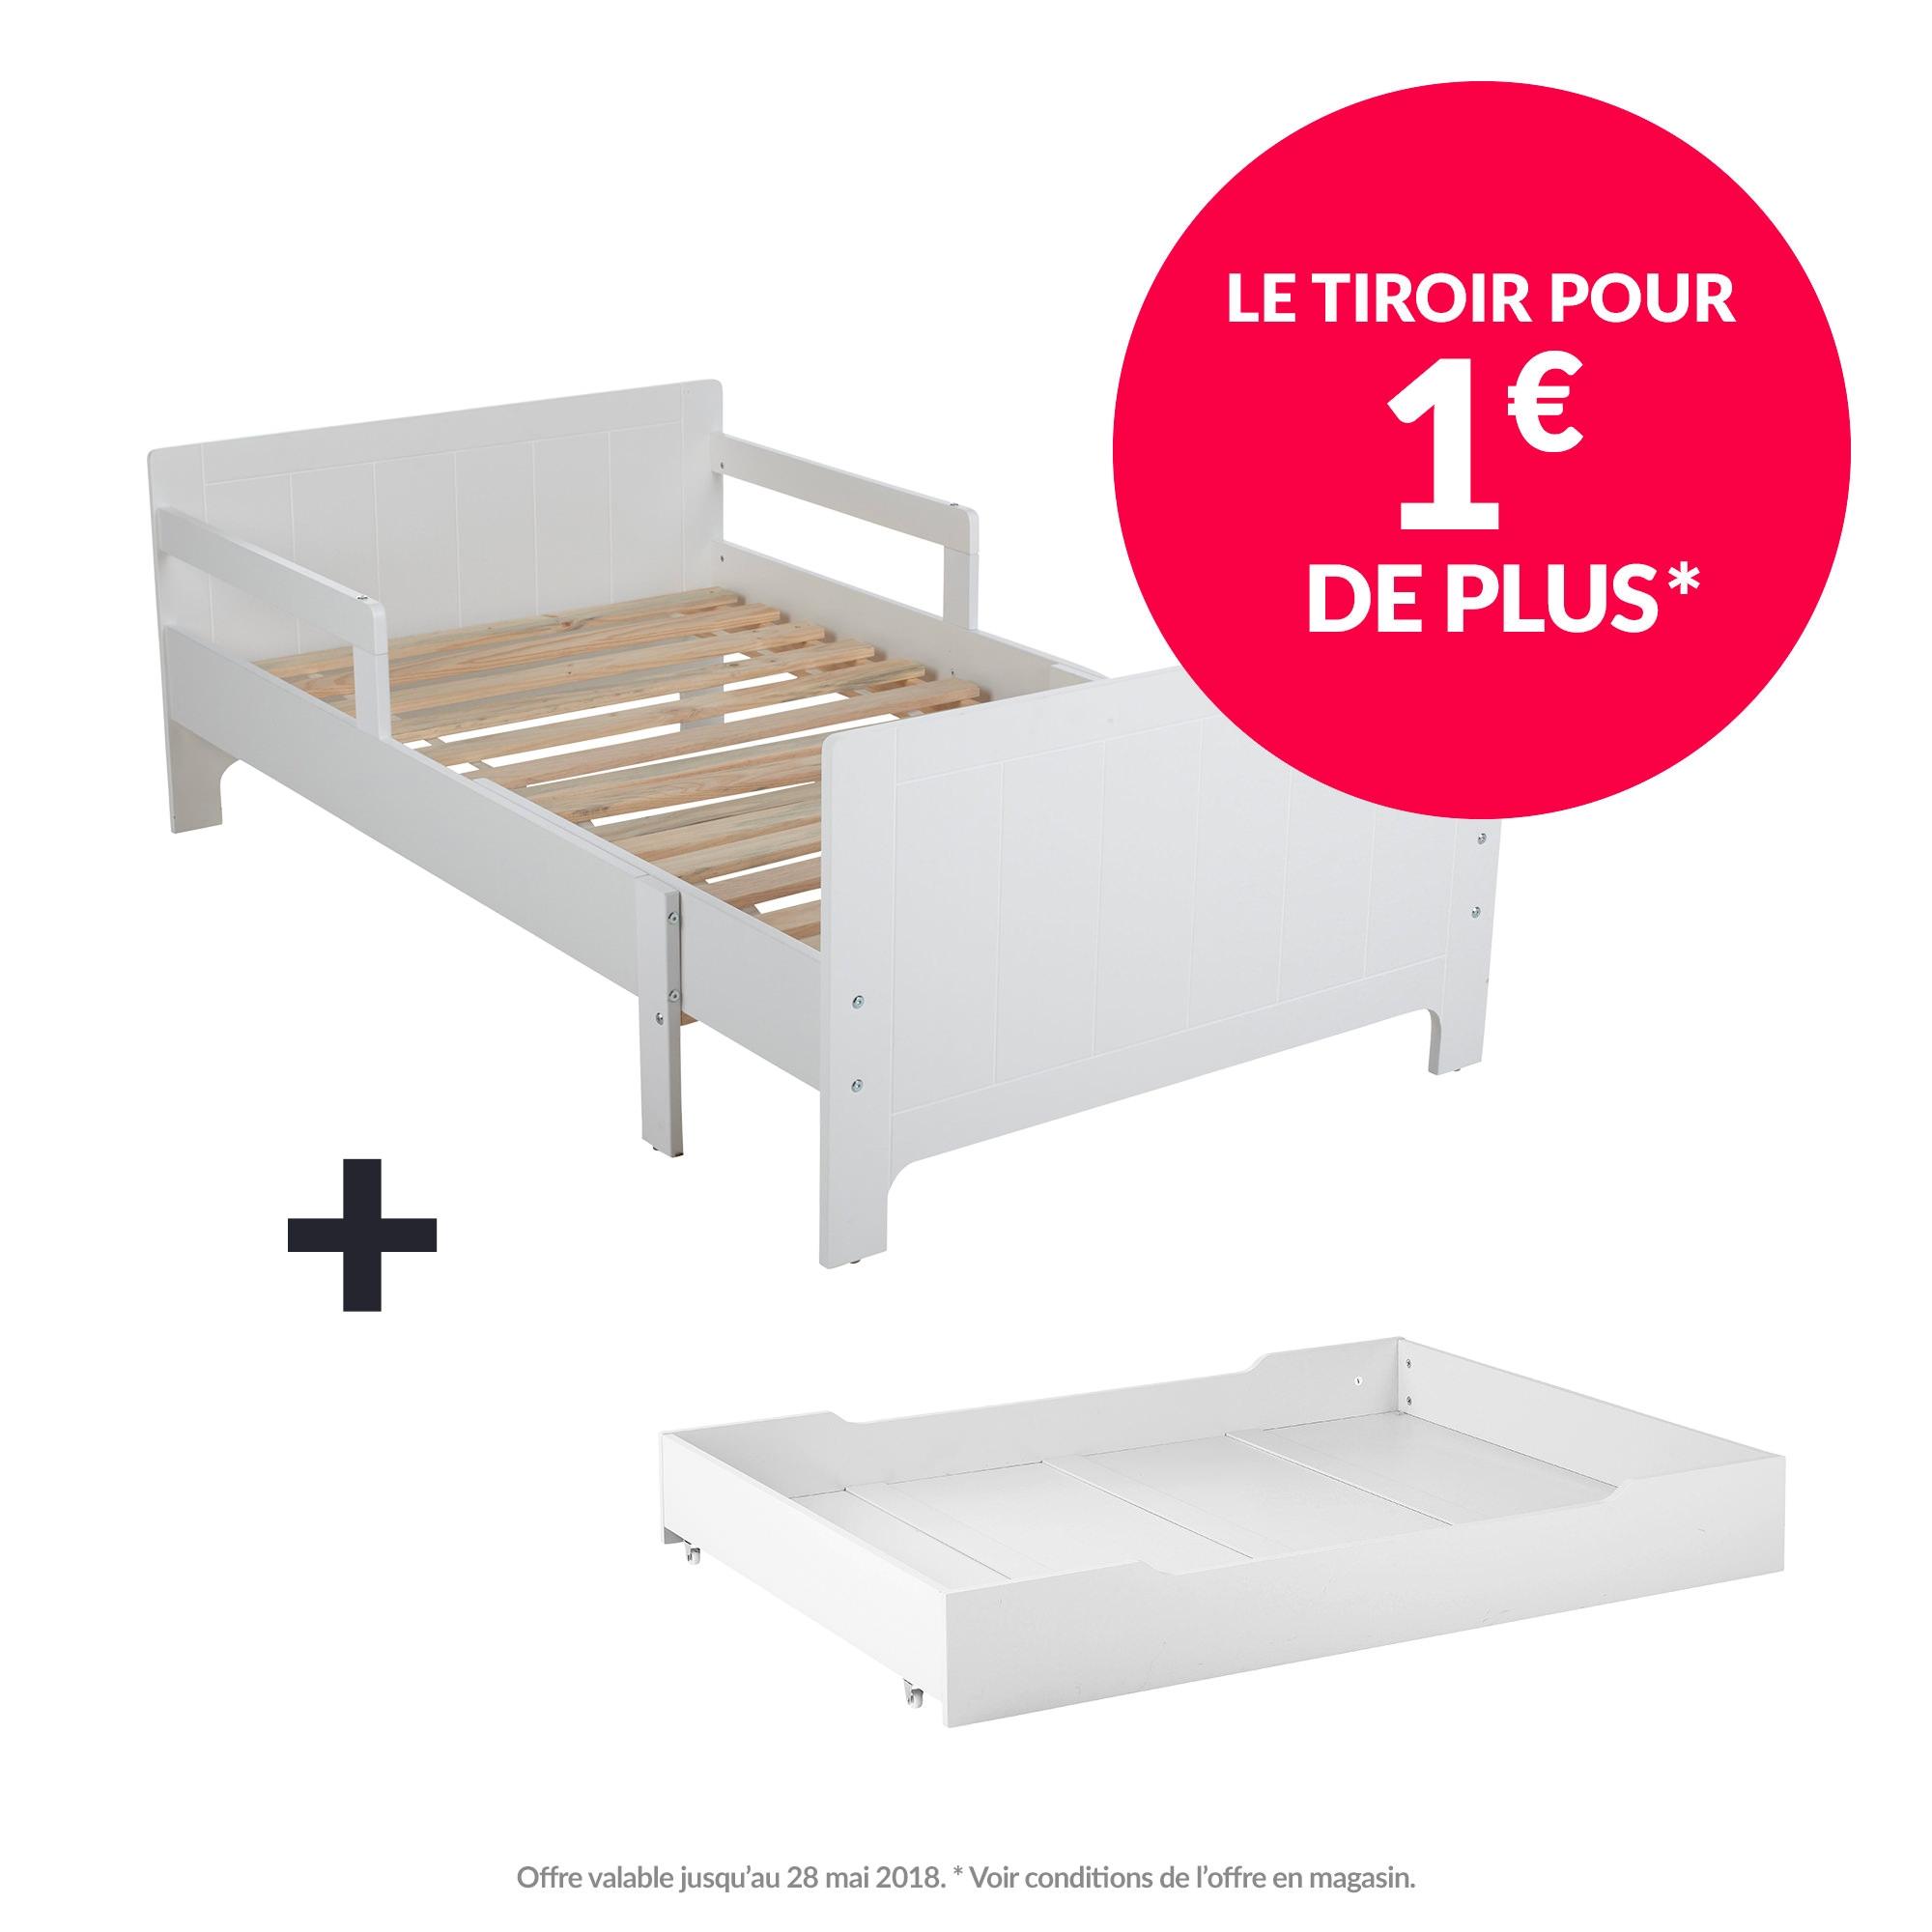 Lit évolutif Léo + le tiroir pour 1€ de plus